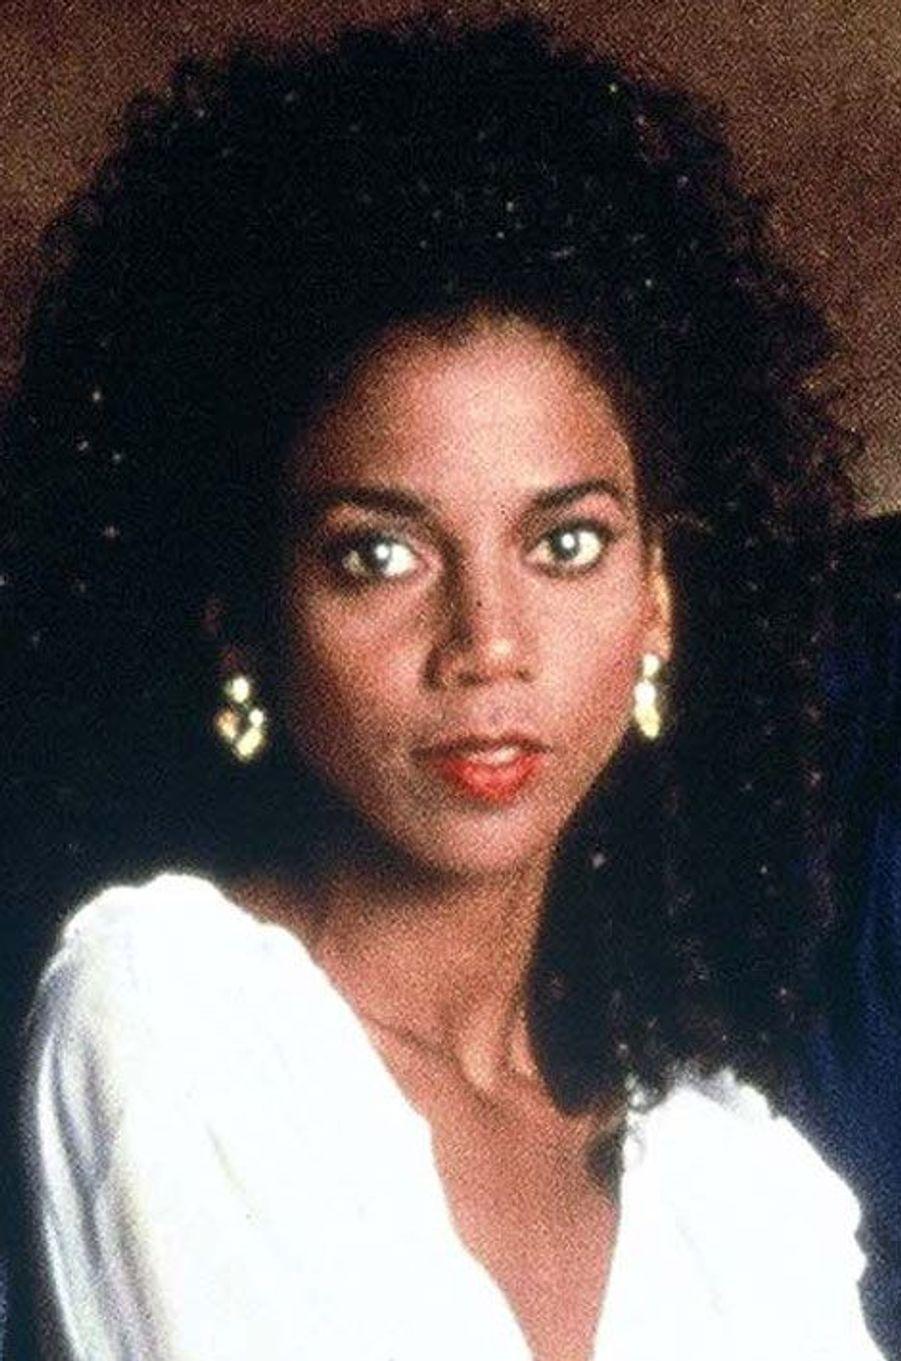 C'est elle qui chante le générique de la série, en plus d'en avoir obtenu le premier rôle féminin. Mais à la fin de la série, en 1991, la jeune femme a eu du mal à retrouver le succès. Après avoir enchaîné les rôles dans des sitcoms, dont «Pour le meilleur…?» de 1998 à 2002, elle est apparue dans «21 Jump Street», le film, en 2012. Elle est mariée à Rodney Peete, un joueur de football américain, avec lequel elle a eu quatre enfants.